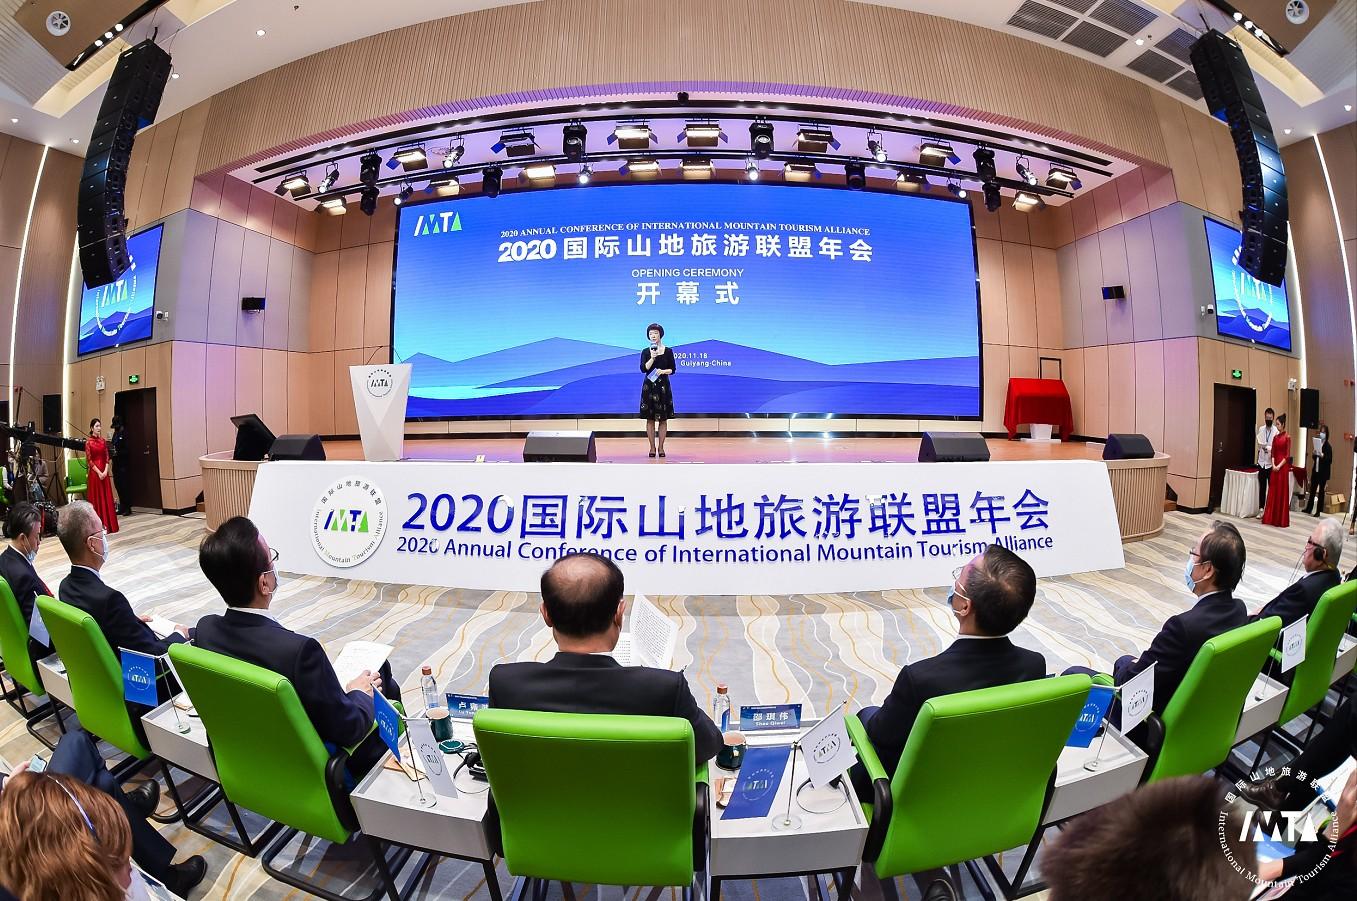 连接山地精彩,共享美丽生存|2020国际山地旅游联盟年会在贵阳开幕